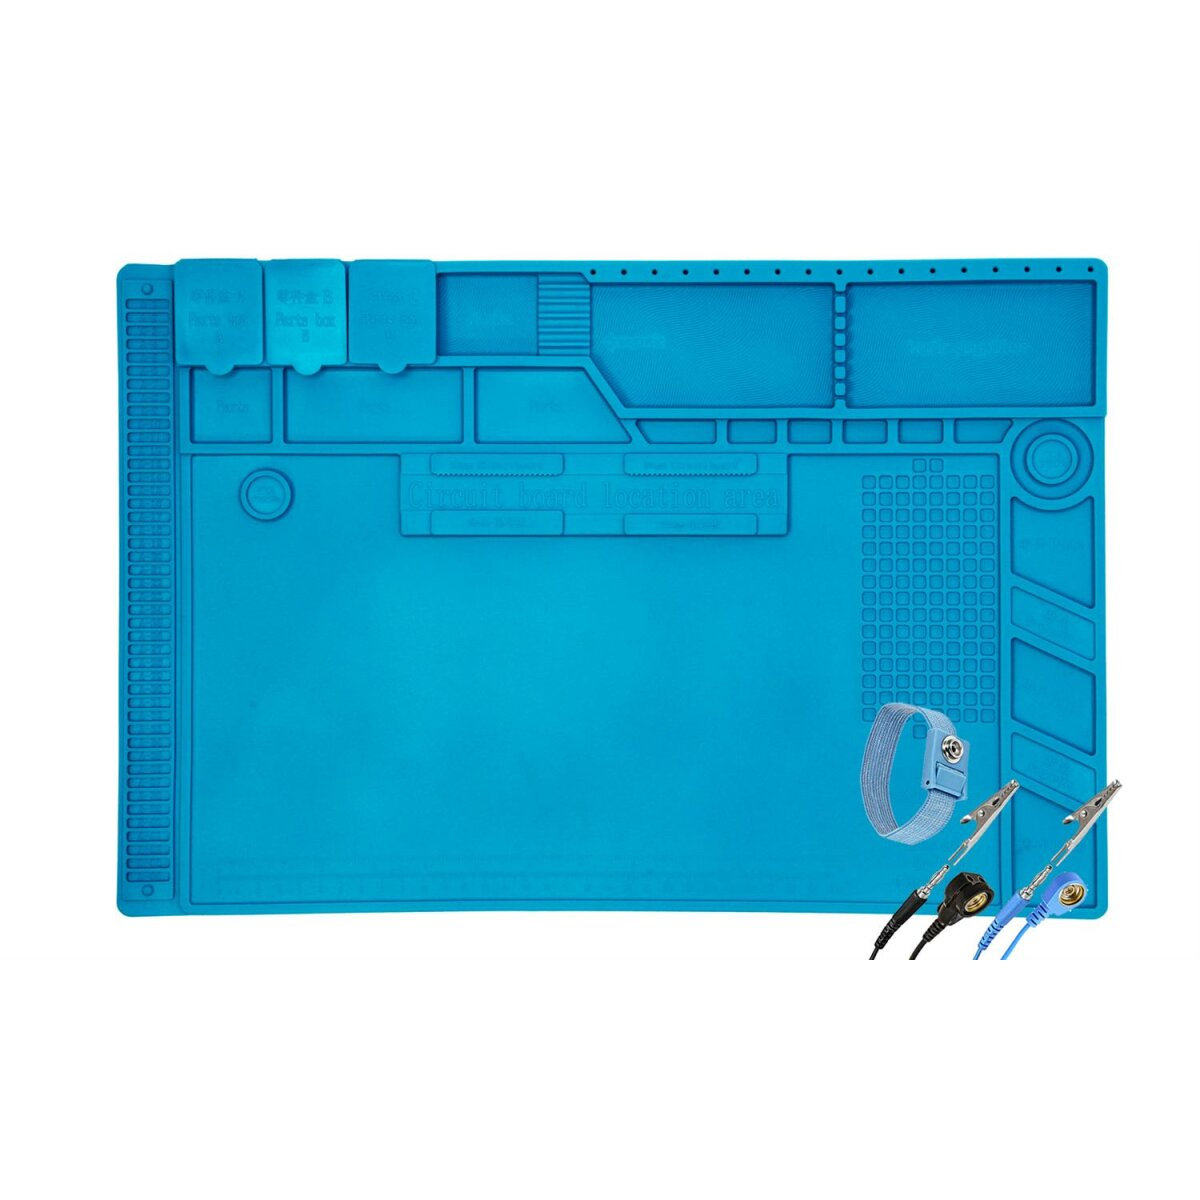 Minadax XL Lötmatte 48 x 31.8cm + Handgelenkschlaufe - Silikonmatte 500°C Hitzebeständige Reparaturmatte - Rutschfest